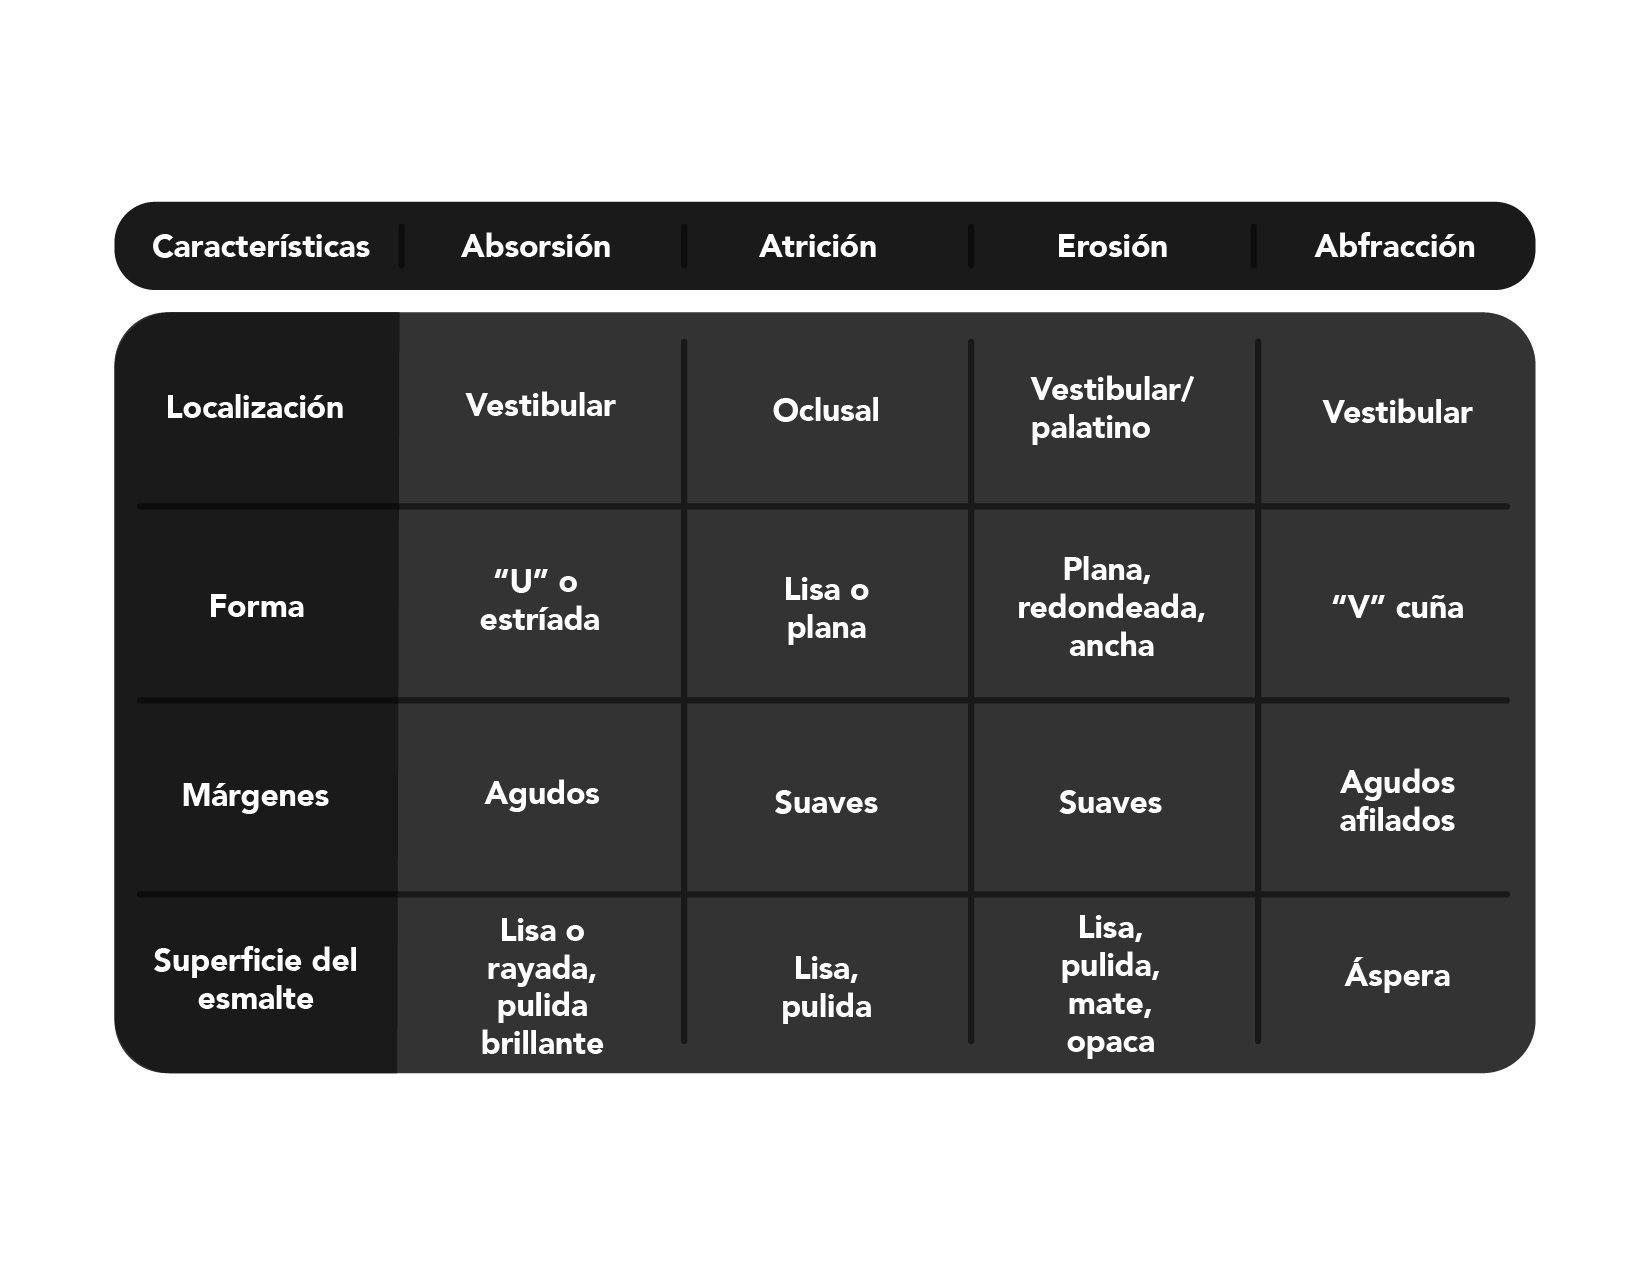 Lesiones Cervicales No Cariosas  Lesiones Cervicales no Cariosas tabla 01